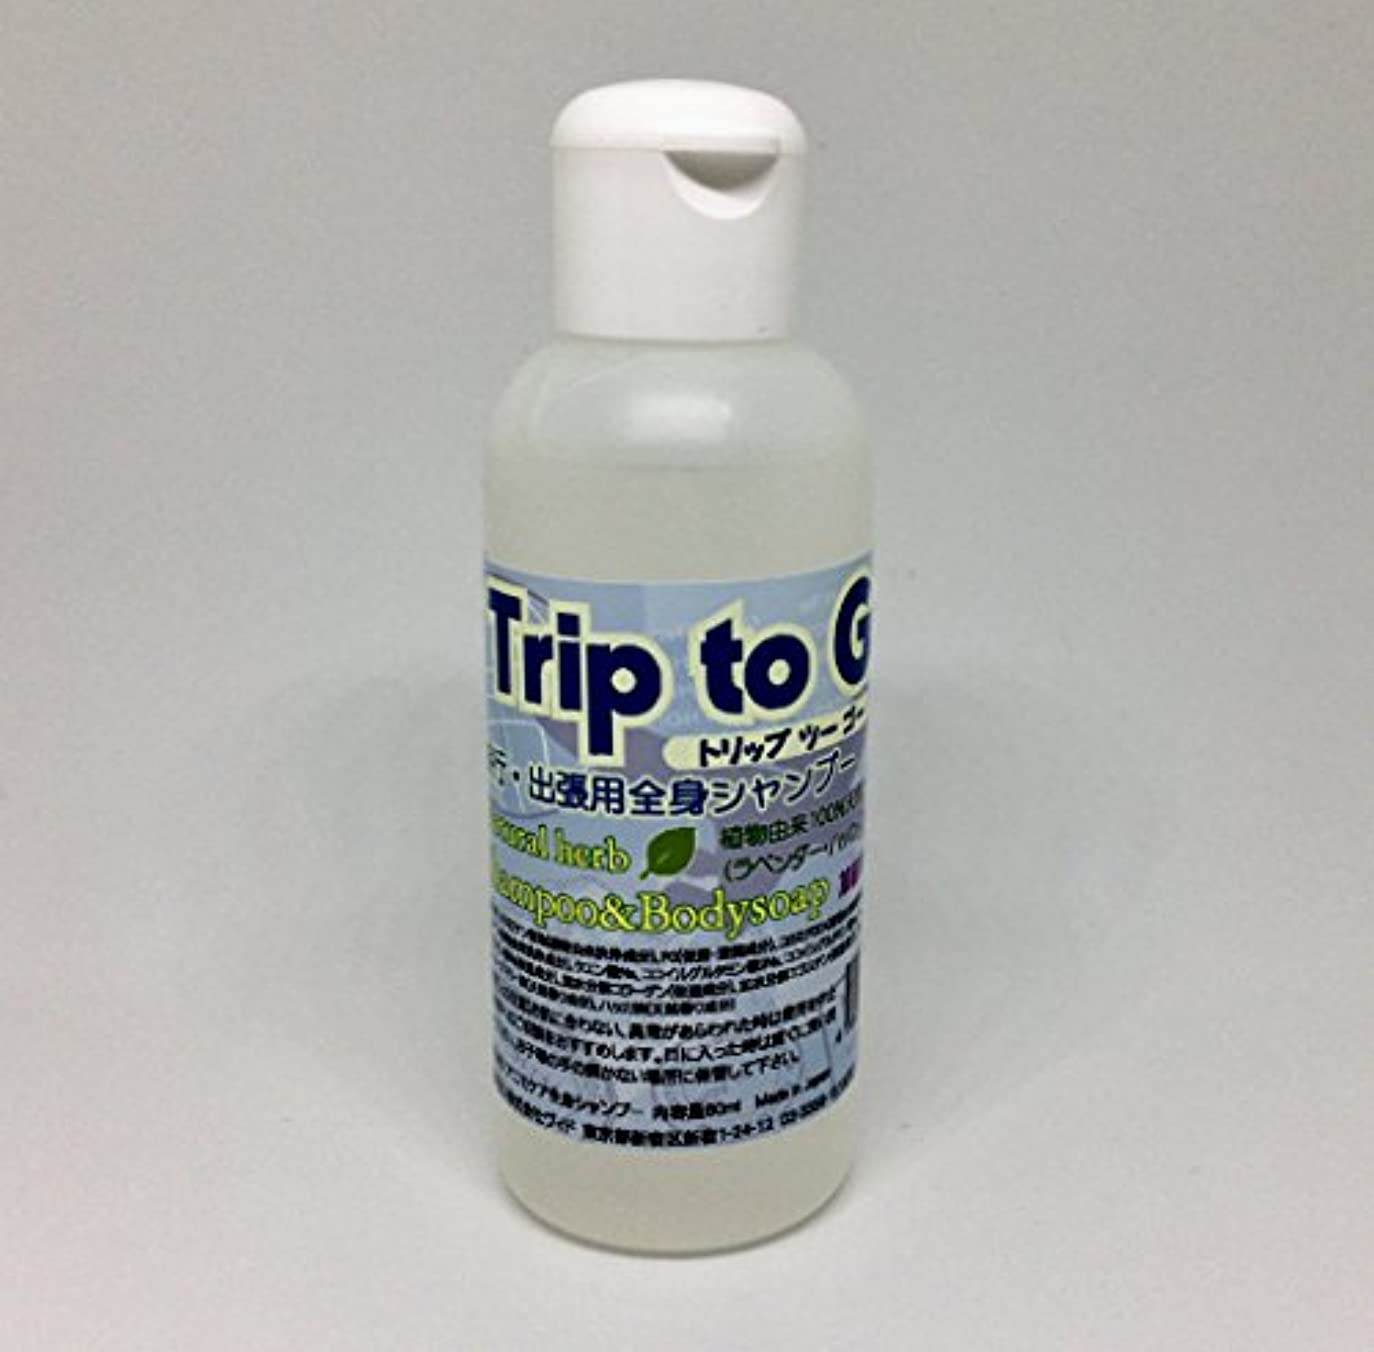 極めてビルマ静的Trip to Go(トリップツーゴー) 全身シャンプー 60ml 旅行/出張にコレ1本 ただいま送料無料です。